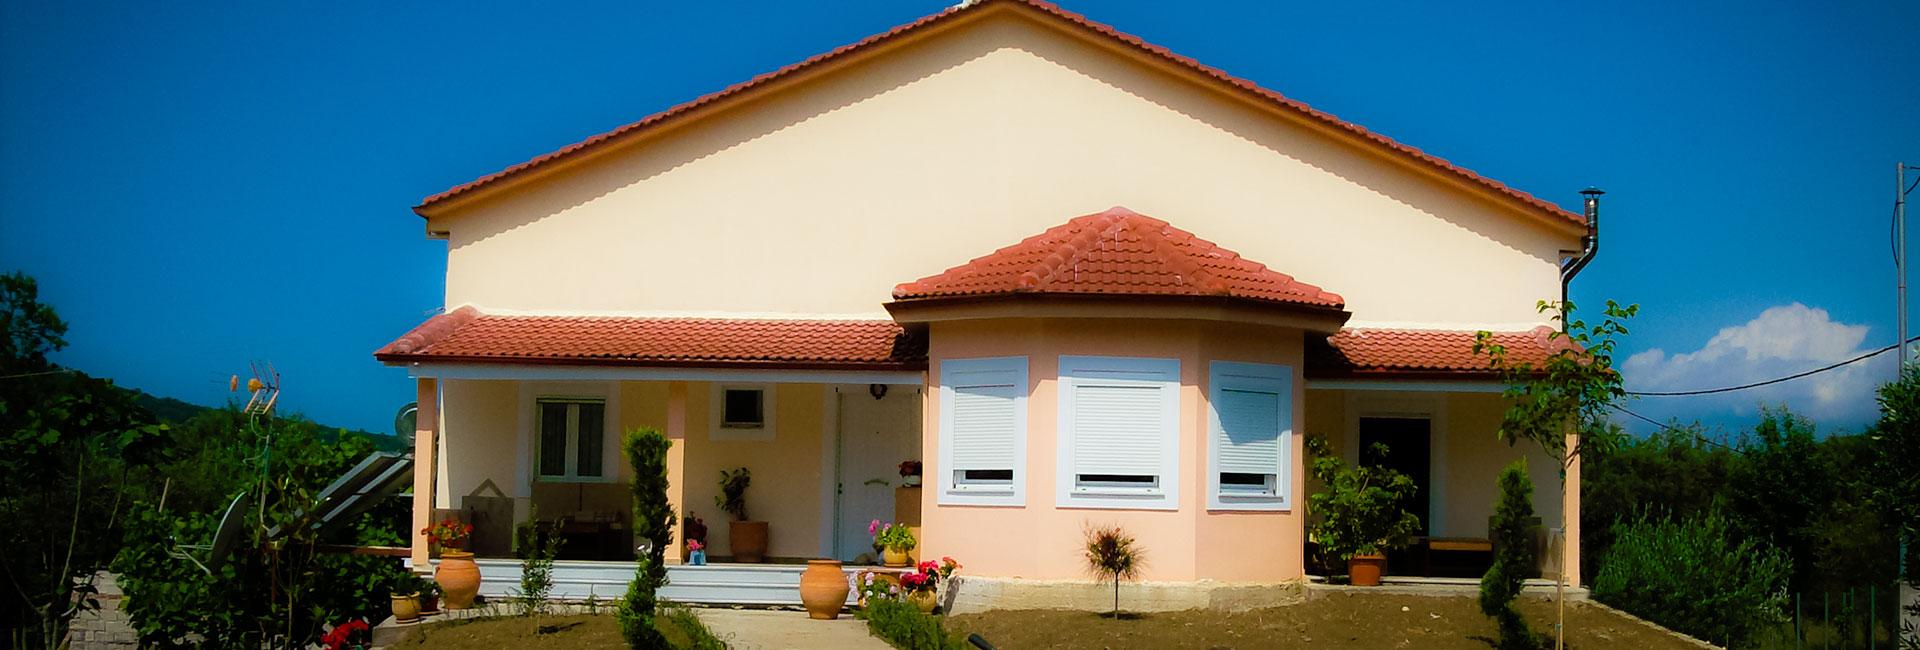 Ισόγειες Κατοικίες με Σοφίτα - Προκάτ Σπίτια Ήπειρος - Γεώργιος Χρυσοστόμου & Υιοί